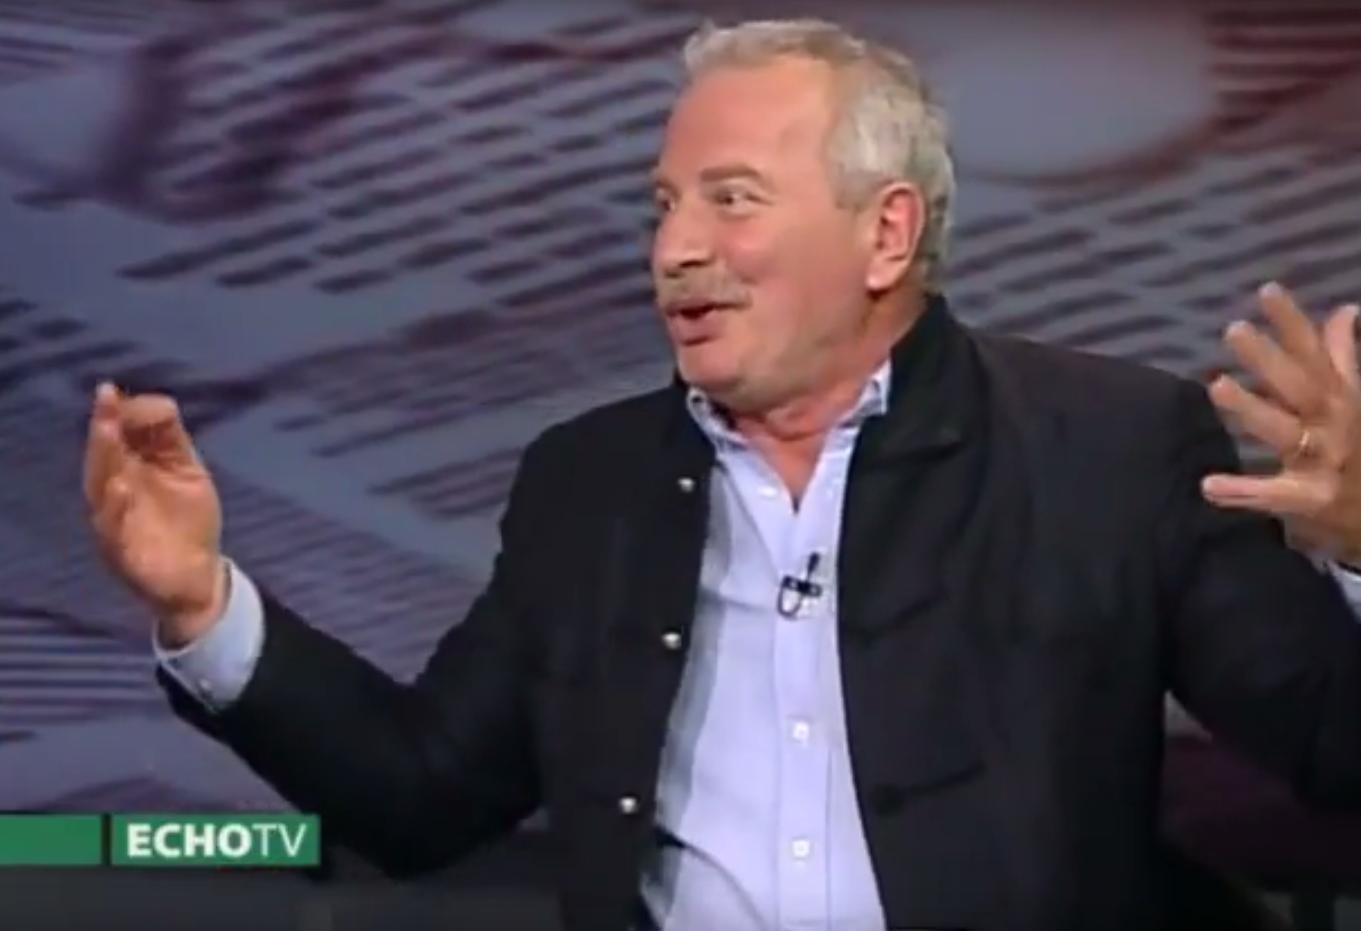 Bencsik András Mészáros Lőrinc tévéjében: Gyerekek, Mészáros tényleg egy tehetséges ember